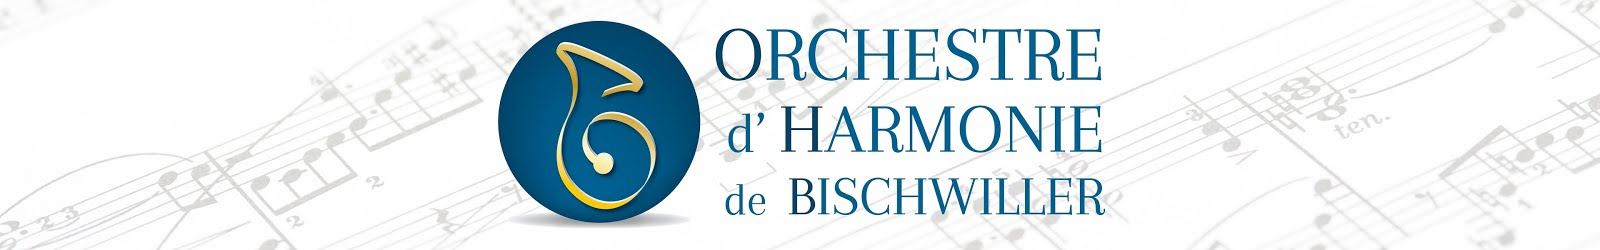 Orchestre d'Harmonie de Bischwiller et École Municipale de Musique